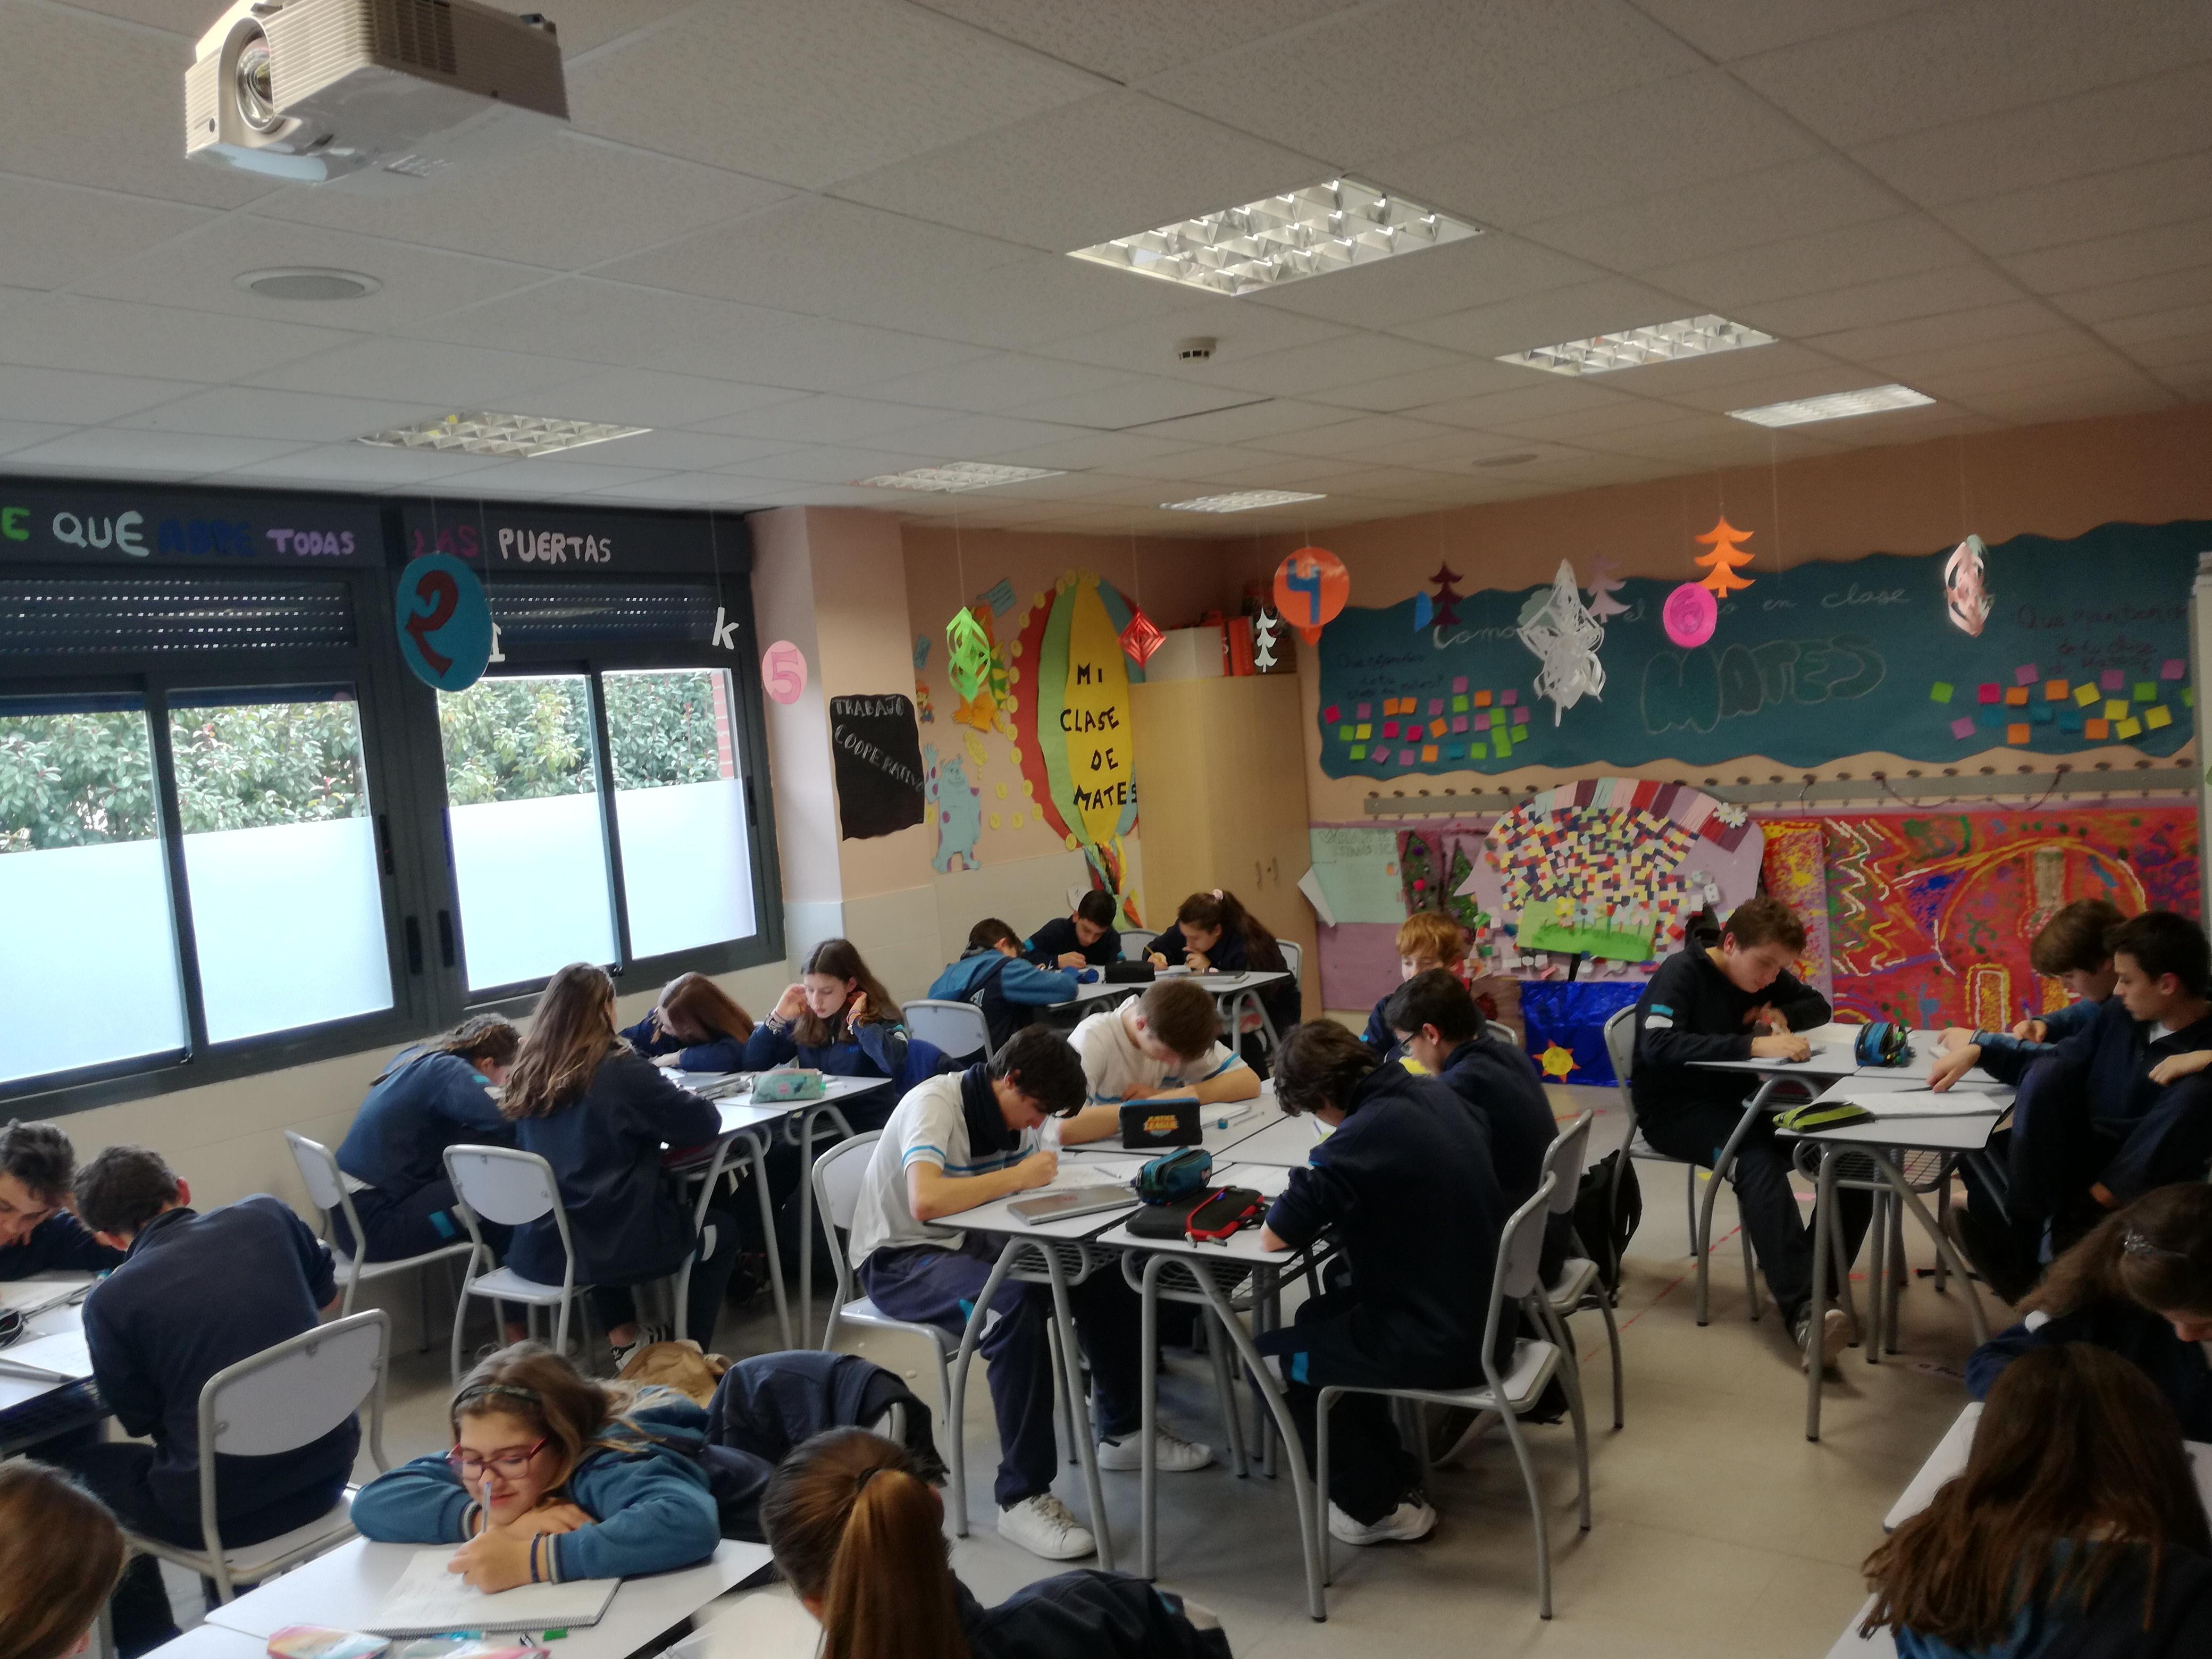 Alumnos y alumnas trabajando en el aula.